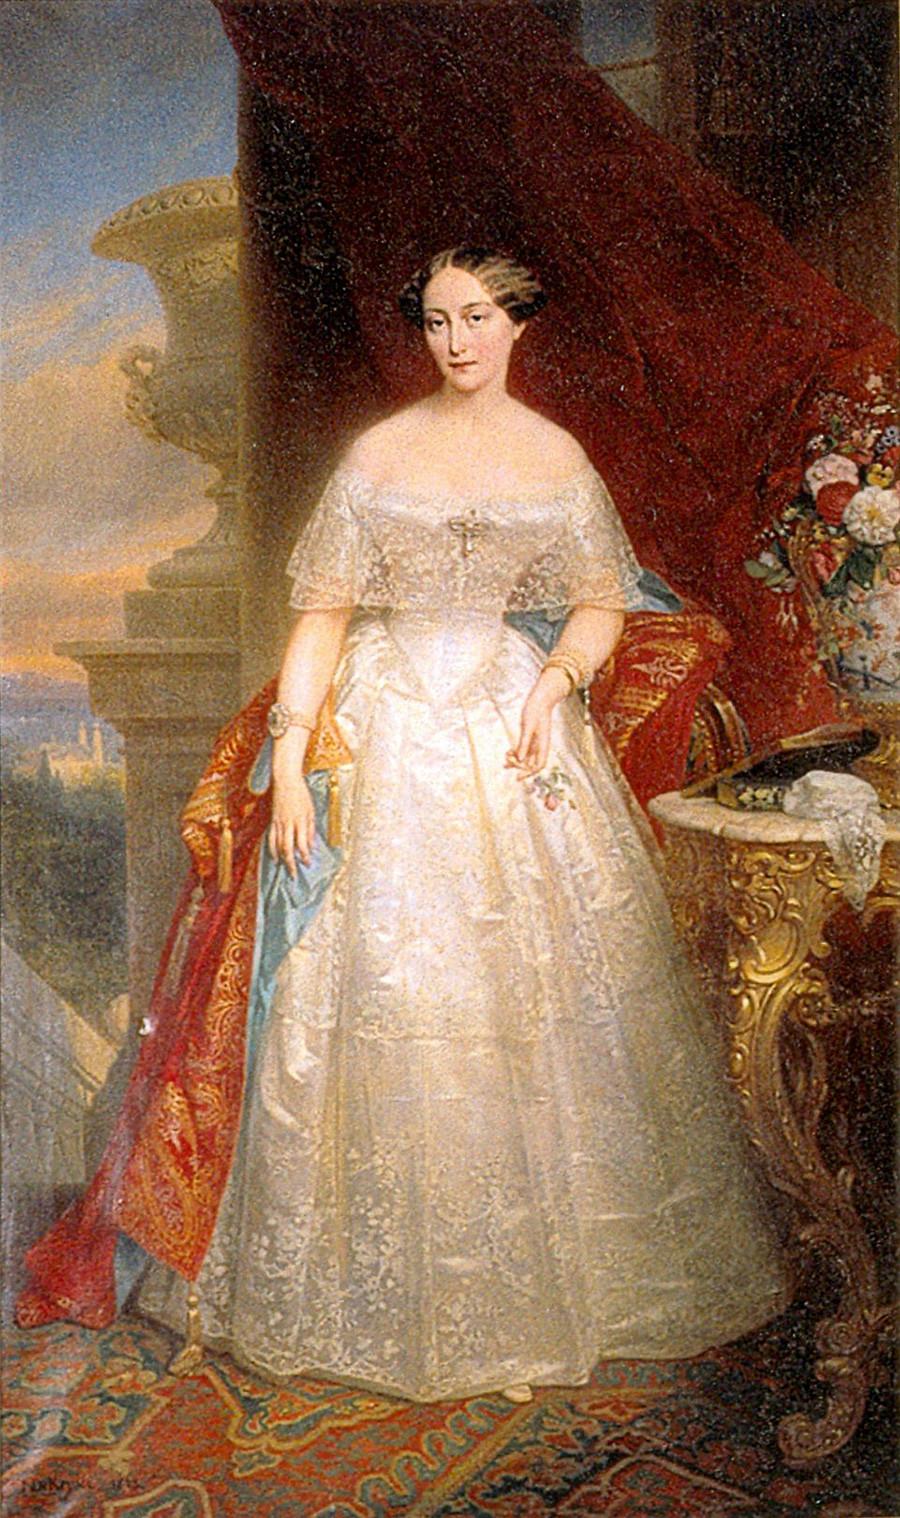 Портрет на Олга (1822-1892), принцеса на Вюртемберг от Никез дии Кейсер